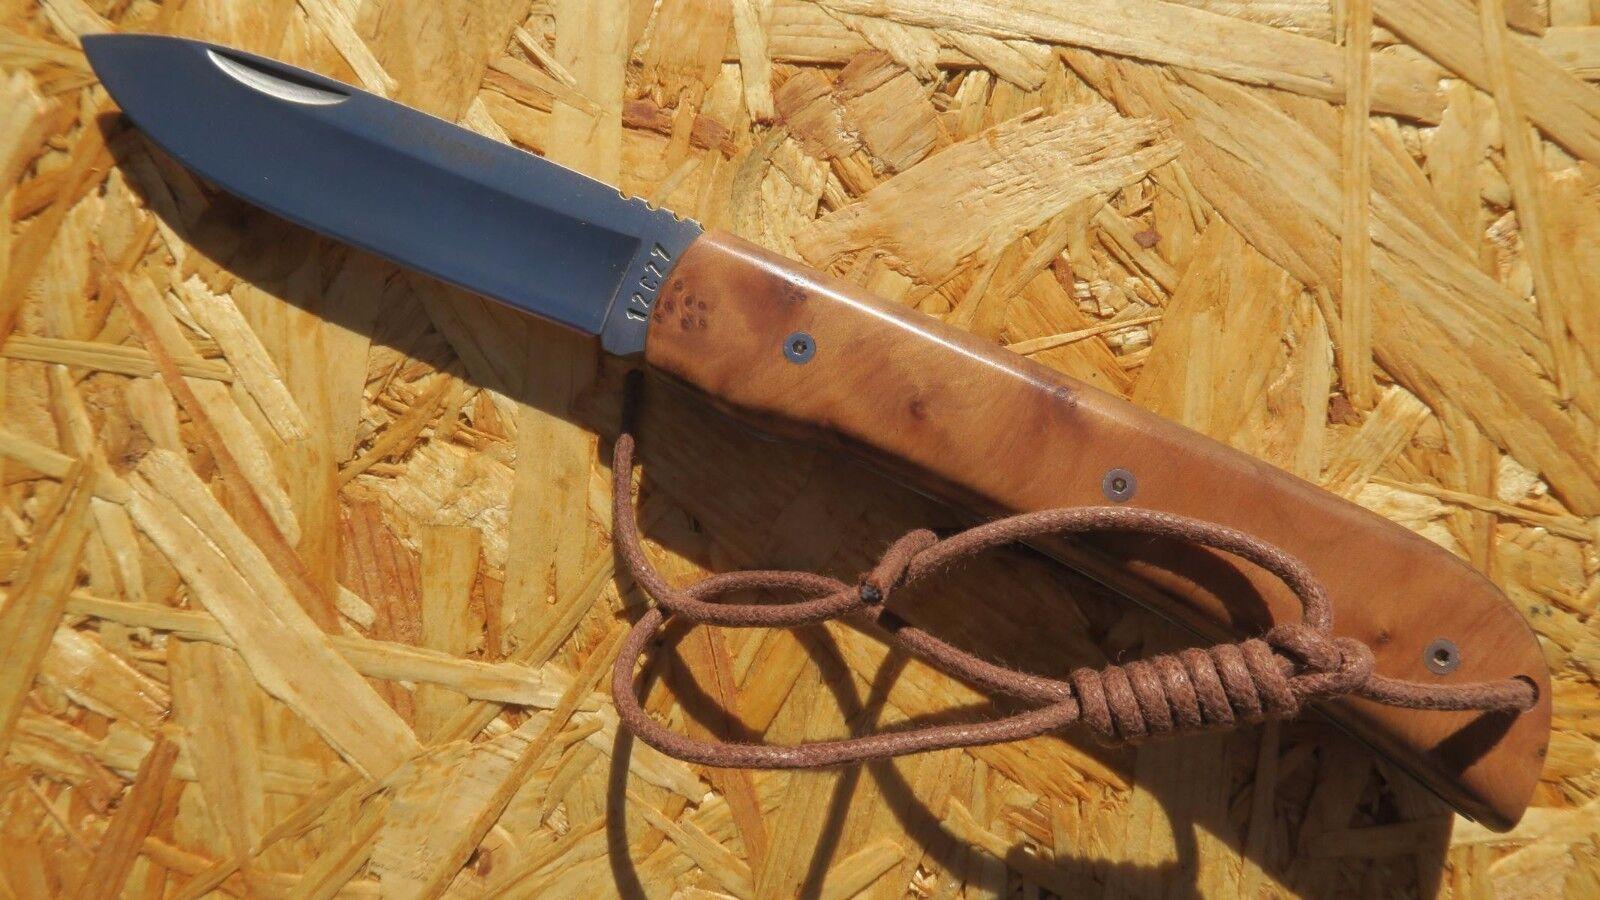 Nieto españa campana navaja plegable cuchillo thuyy-madera 274711 cuchillo 274711 thuyy-madera 0dff0f